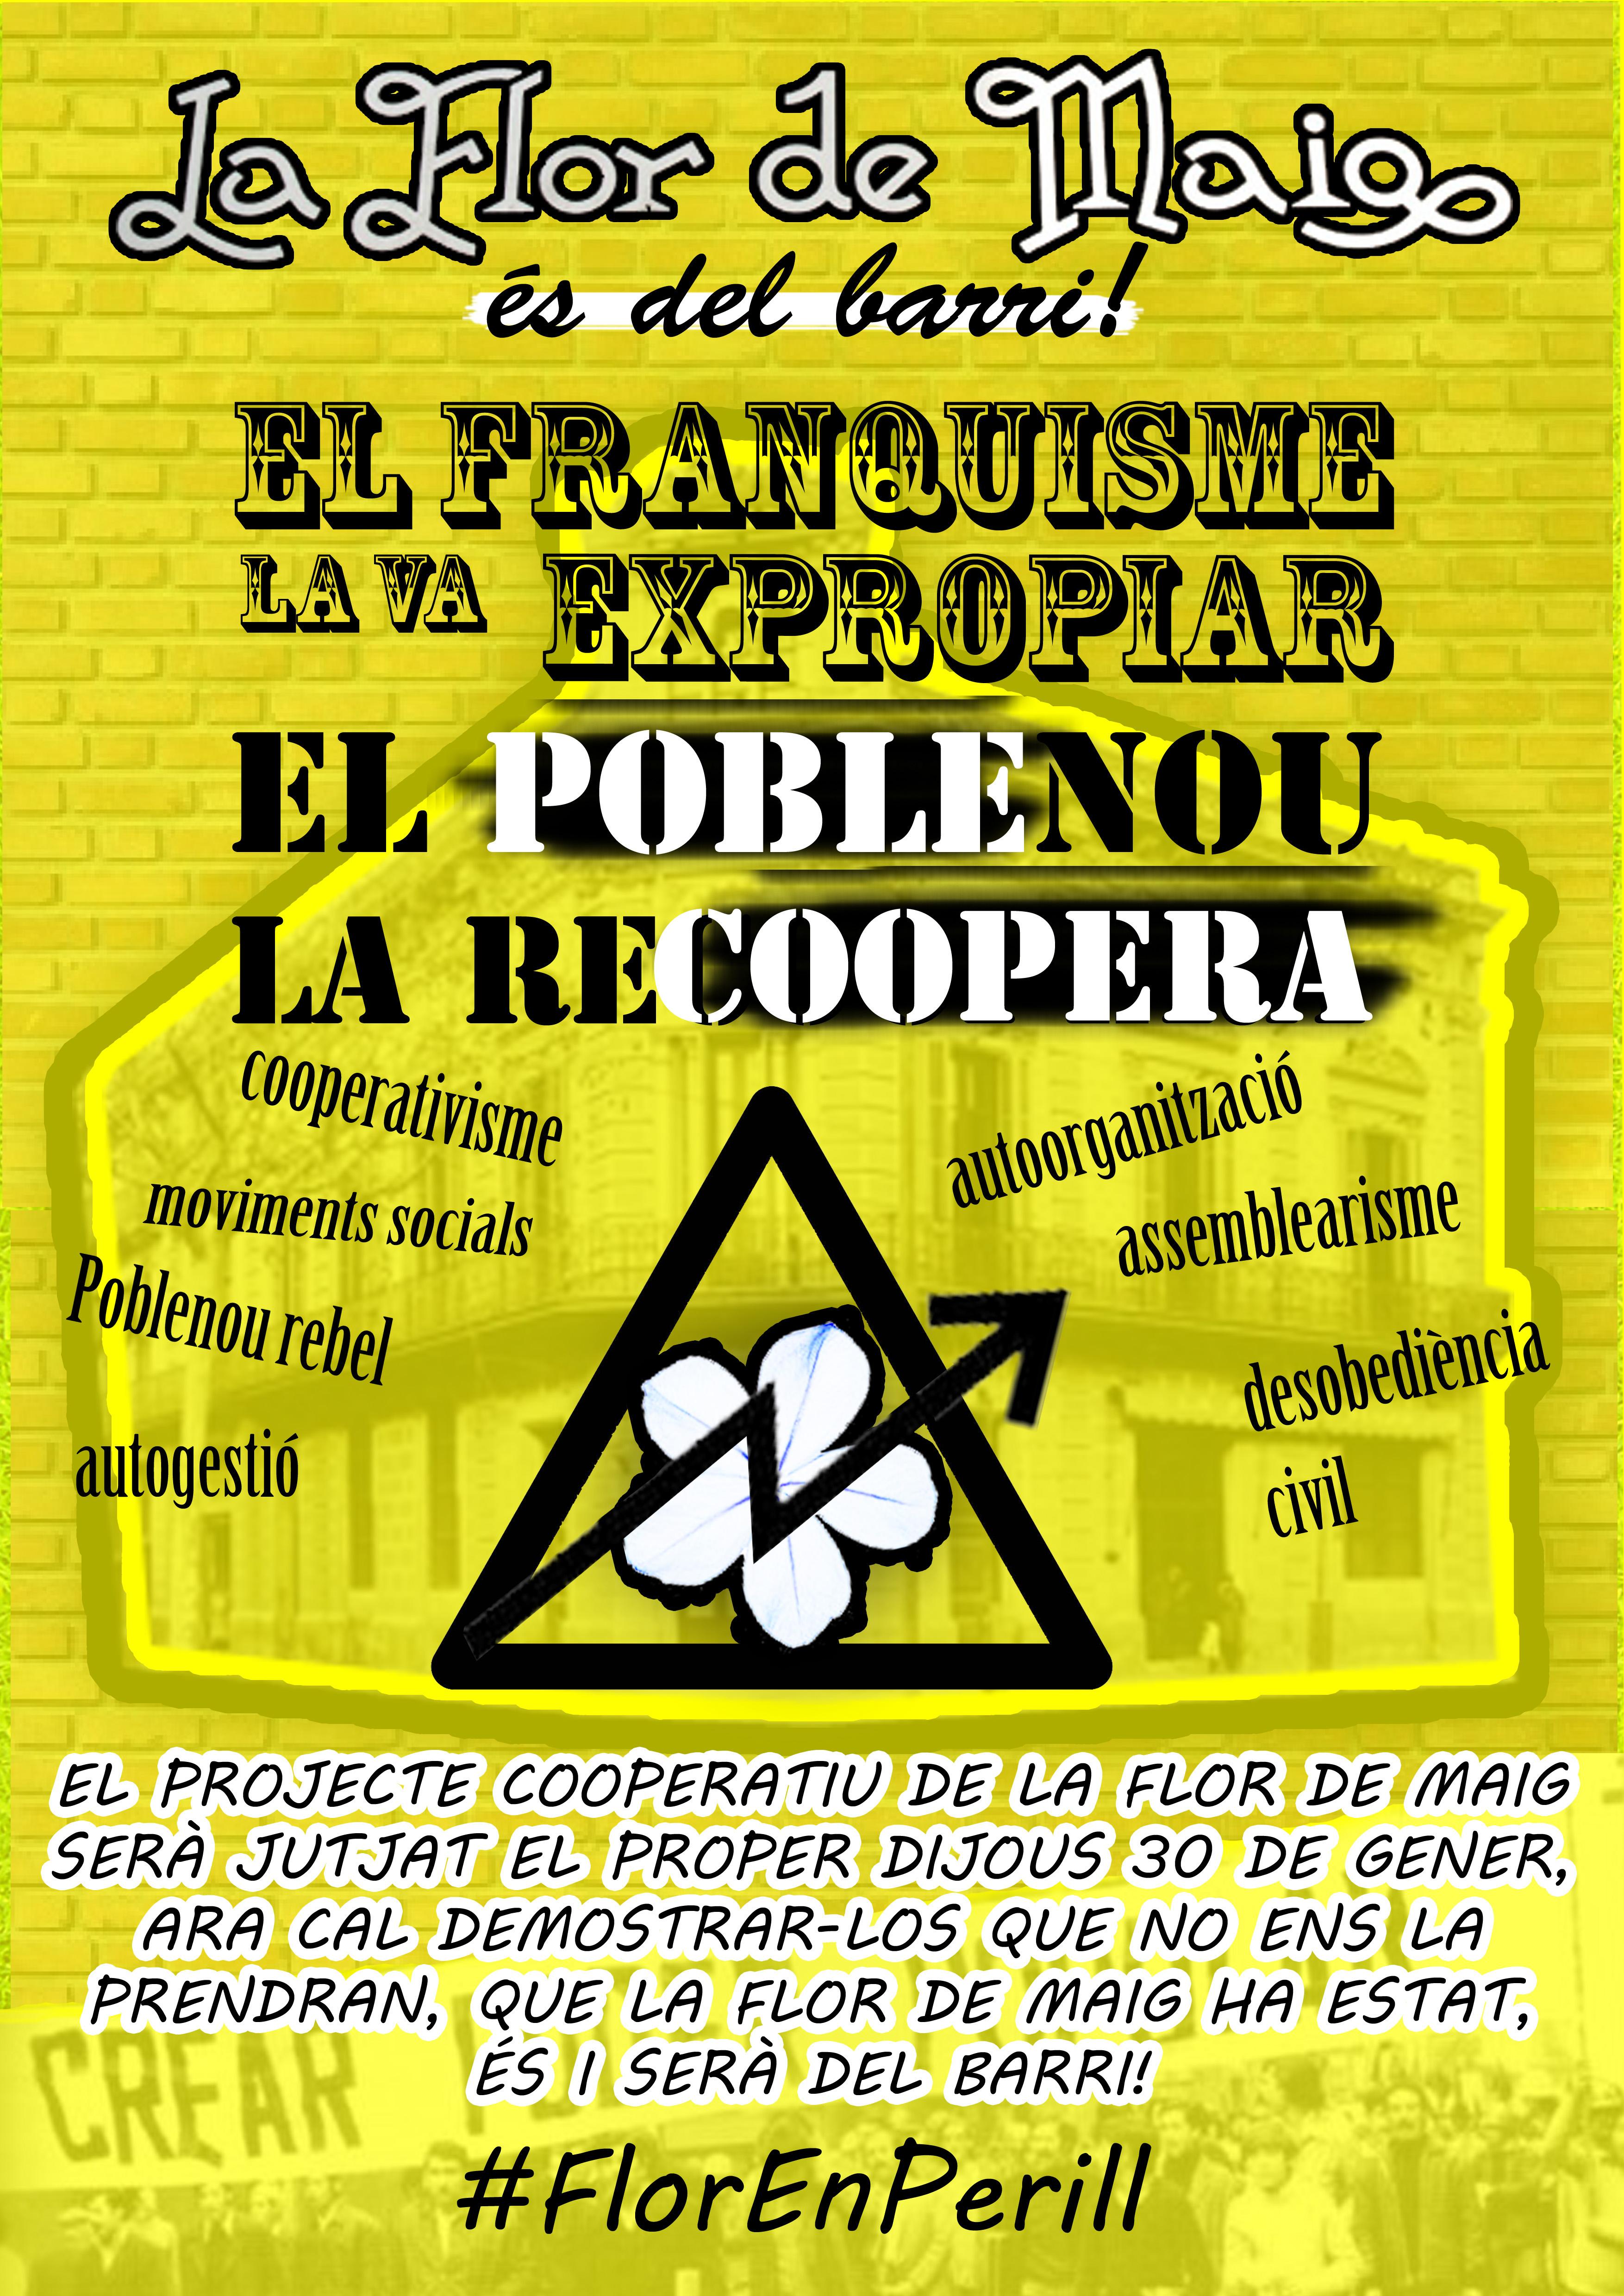 Davant del judici del dia 30 de gener #FlorEnPerill [Segona fase de la campanya]